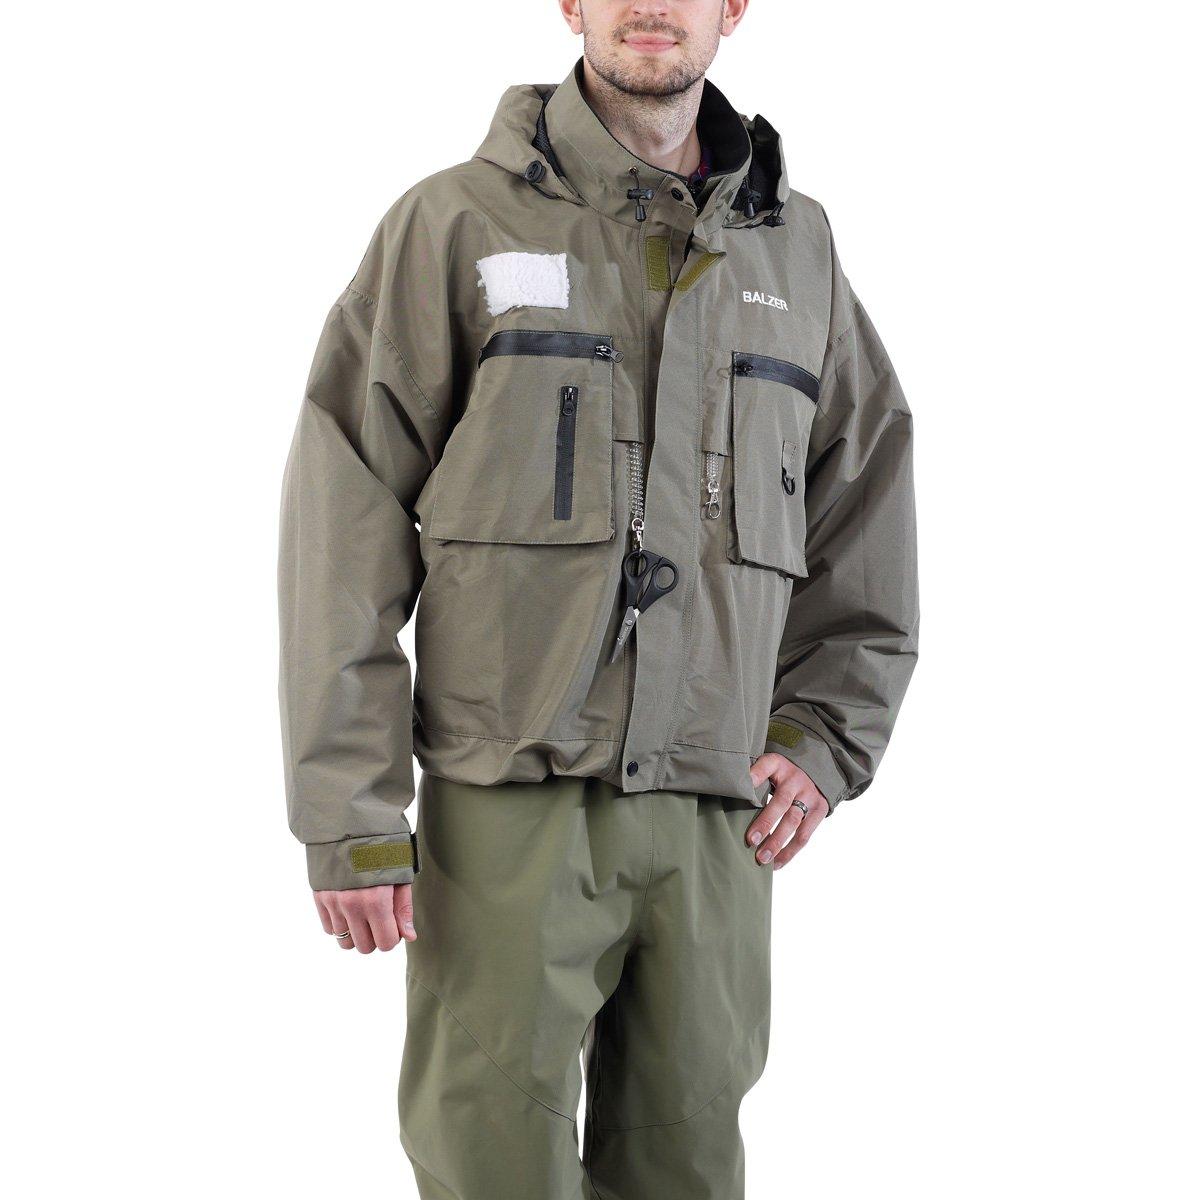 Balzer Atmungsaktive Atmungsaktive Atmungsaktive Watjacke B0777V57YW Jacken Qualitätsprodukte 9da4de